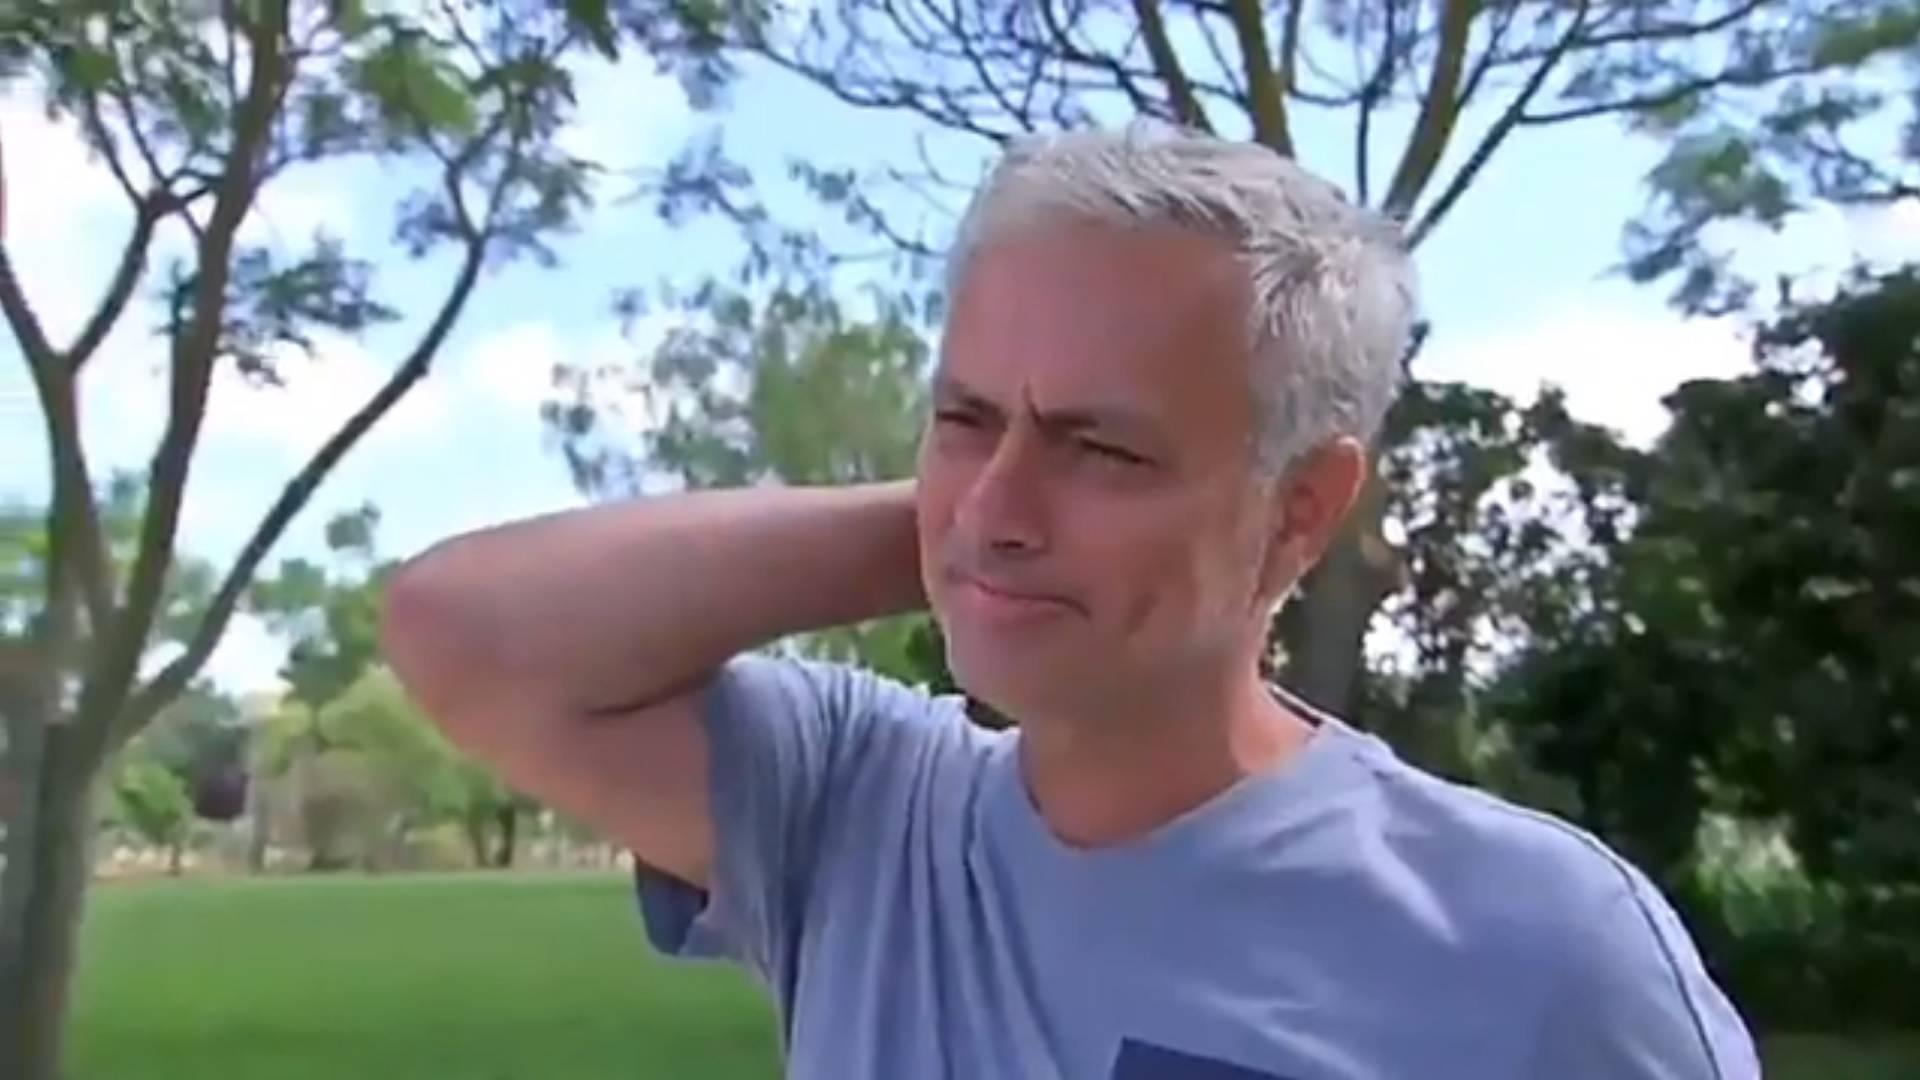 Jose Mourinho slomio se zbog pitanja: Uh, sve mi nedostaje...